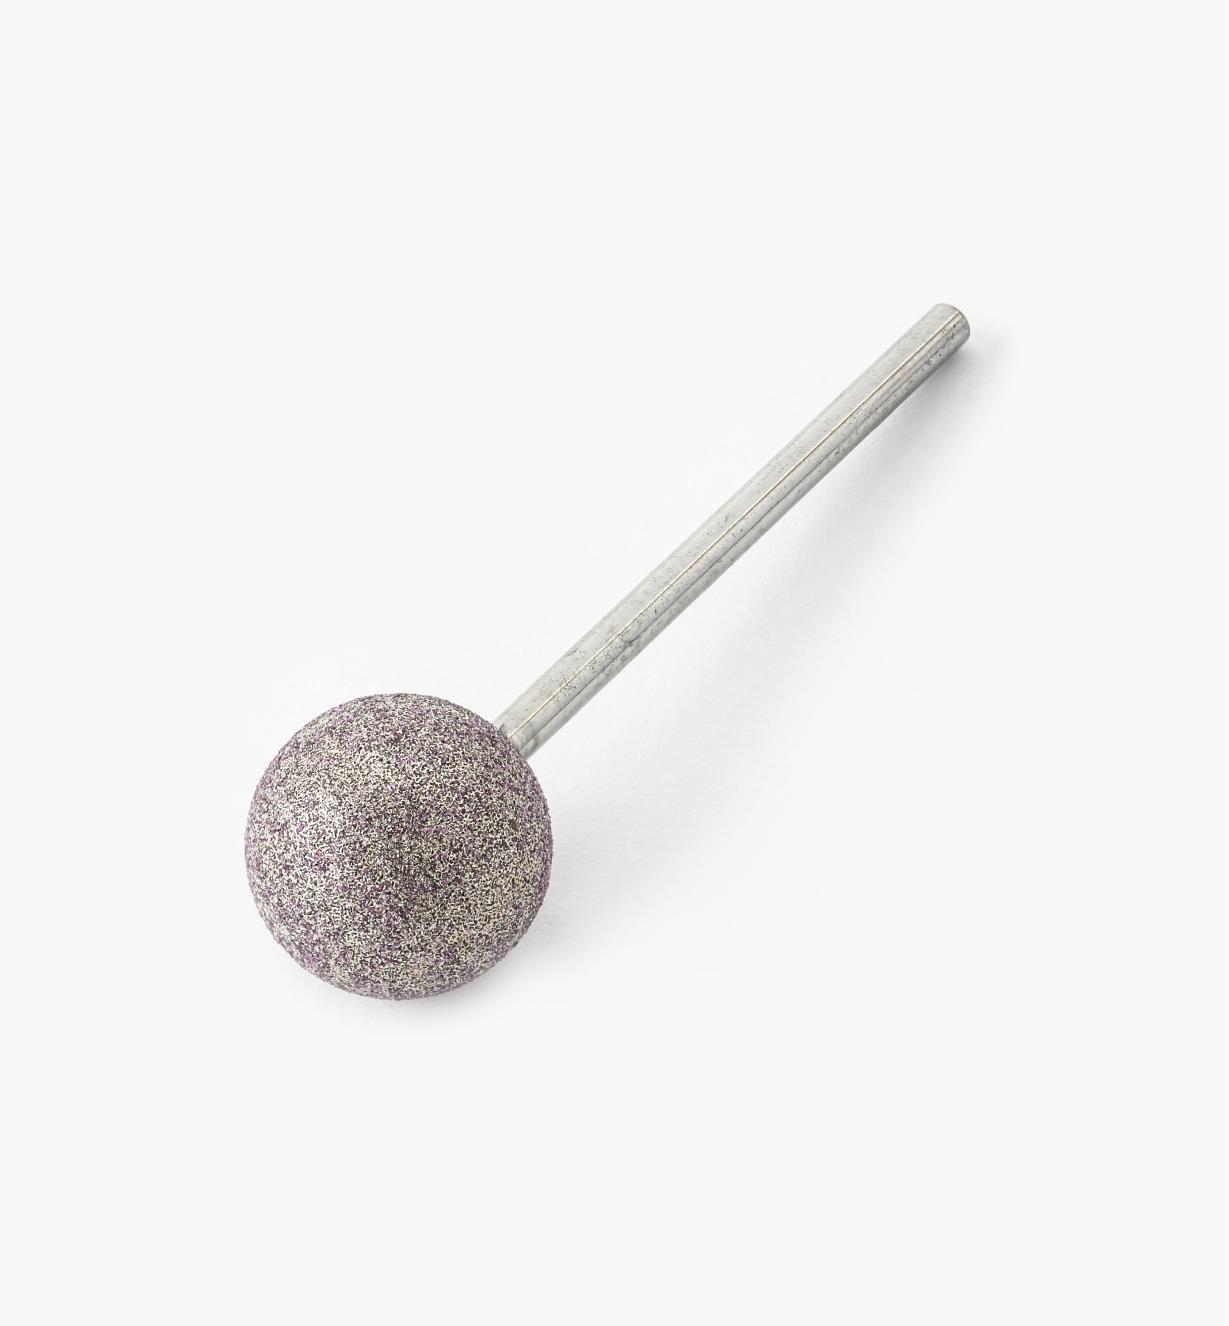 77J0831 - Meule de sculpture en corindon rose, sphère  – 1/2po de diamètre